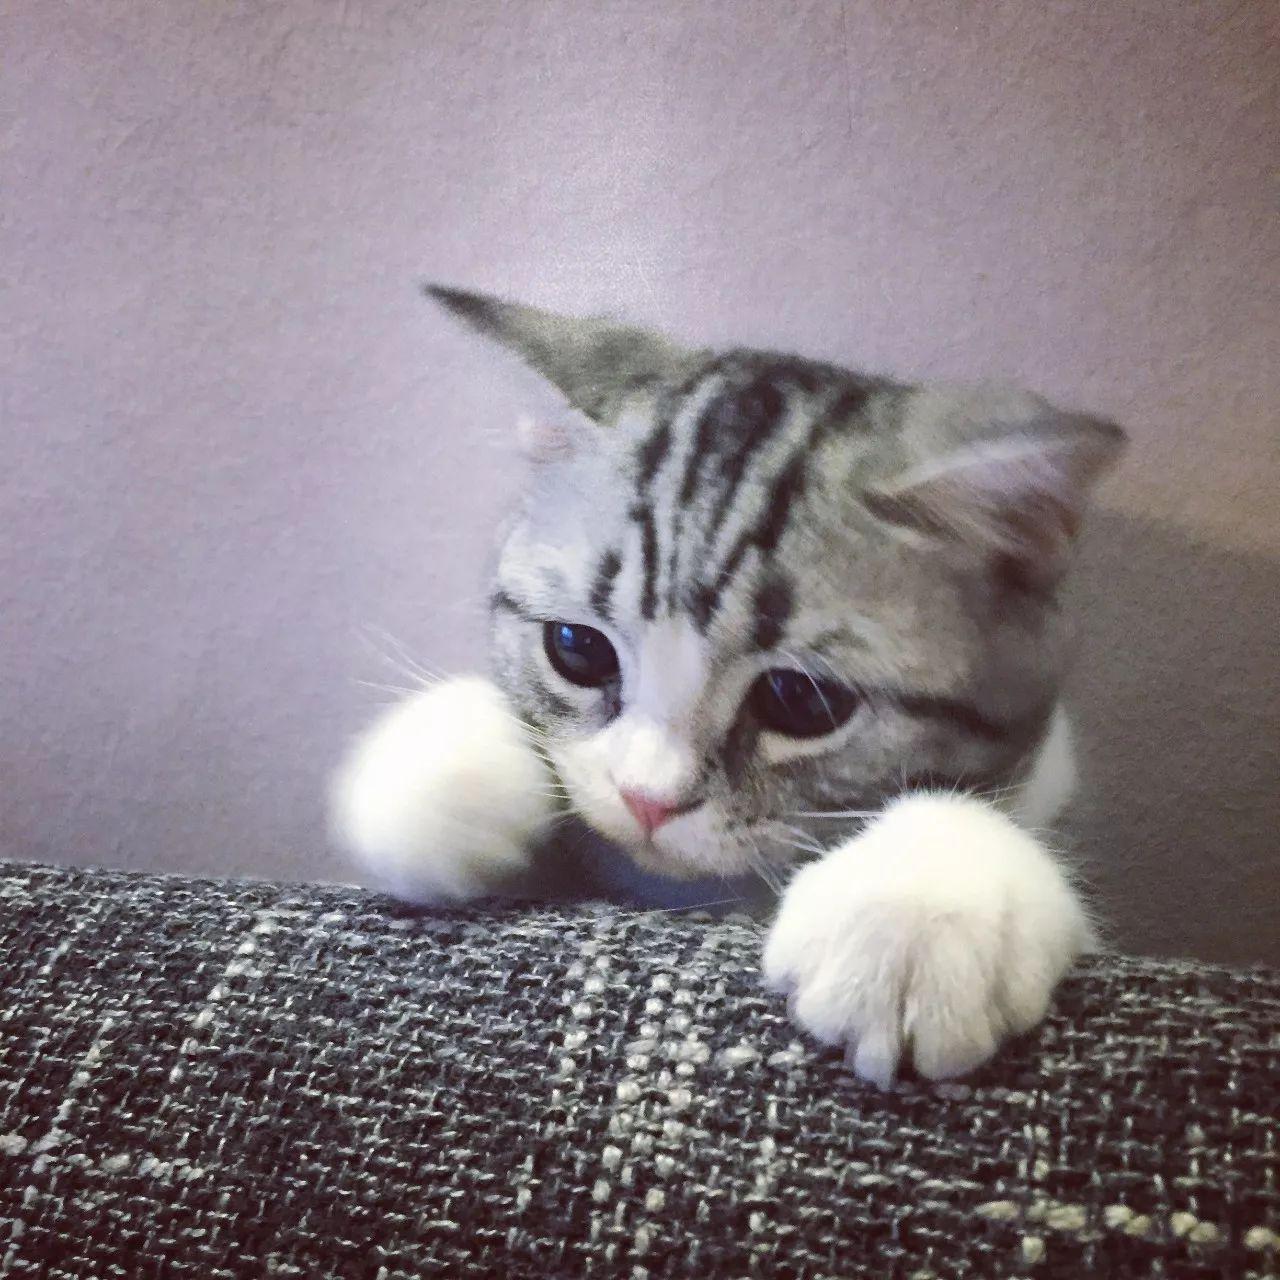 虚拟宠物猫叫价13亿 区块链比特币再引热议